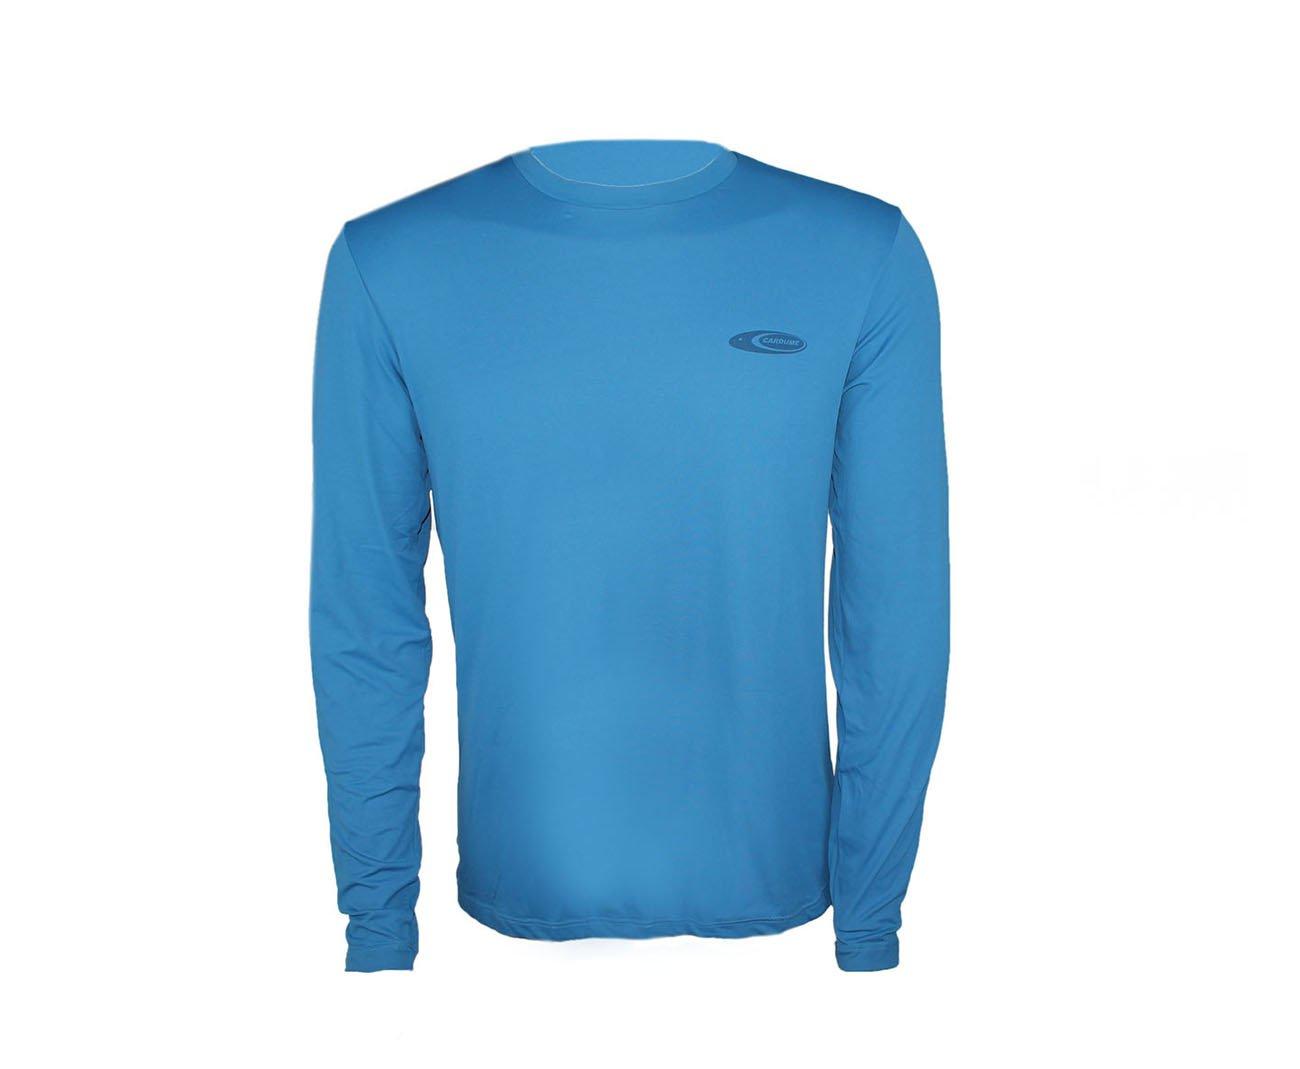 Camiseta Softline Azul - Proteção Uva/uvb 50+ Fps - Cardume